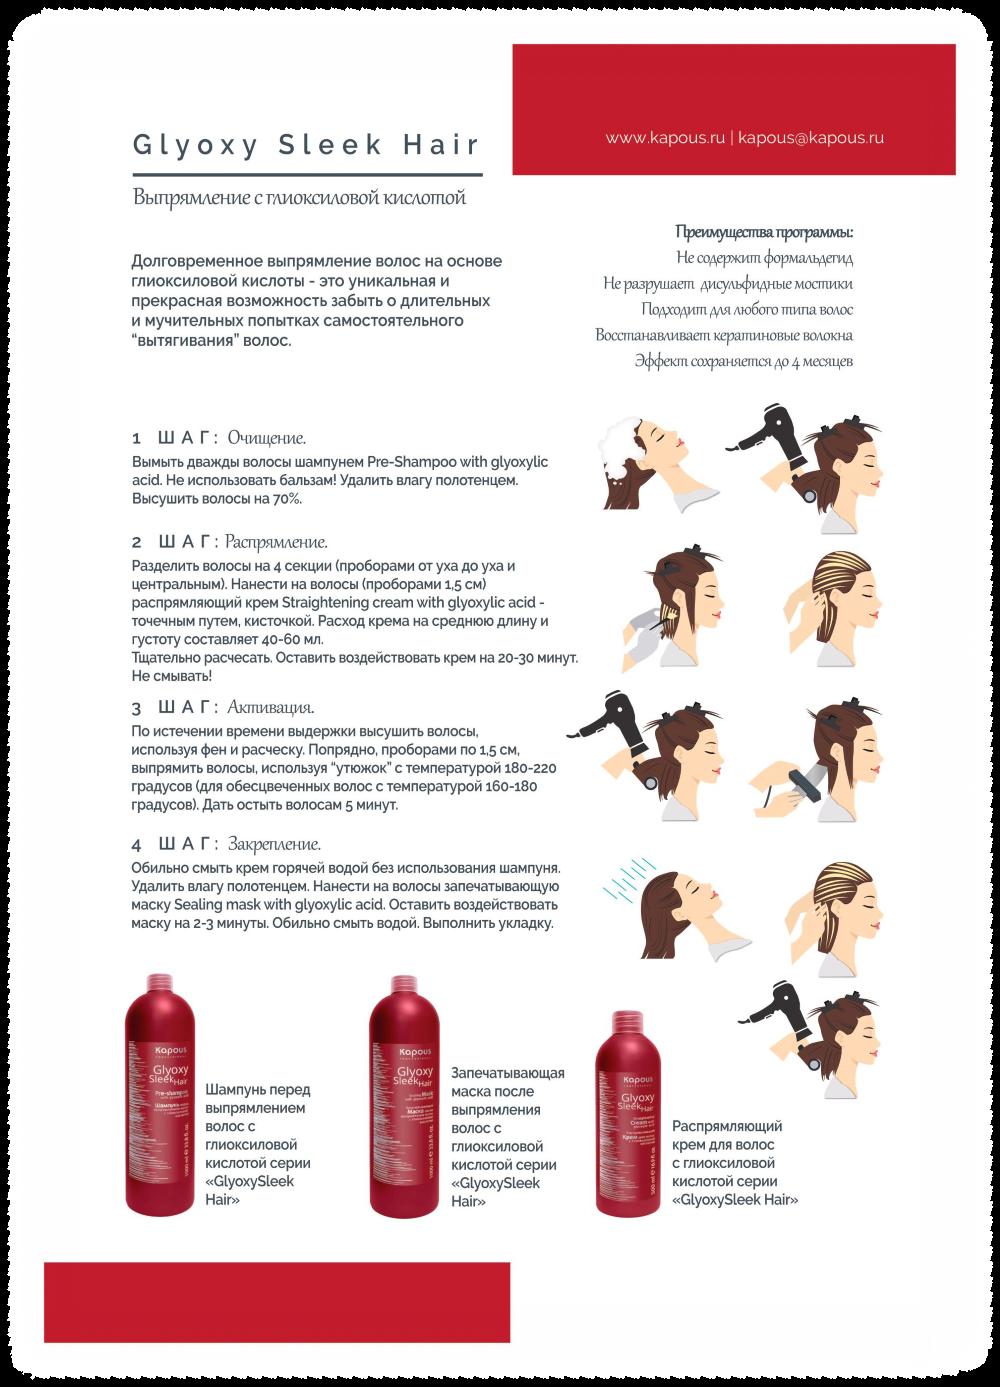 Распрямляющий крем для волос с Глиоксиловой кислотой (500 мл)